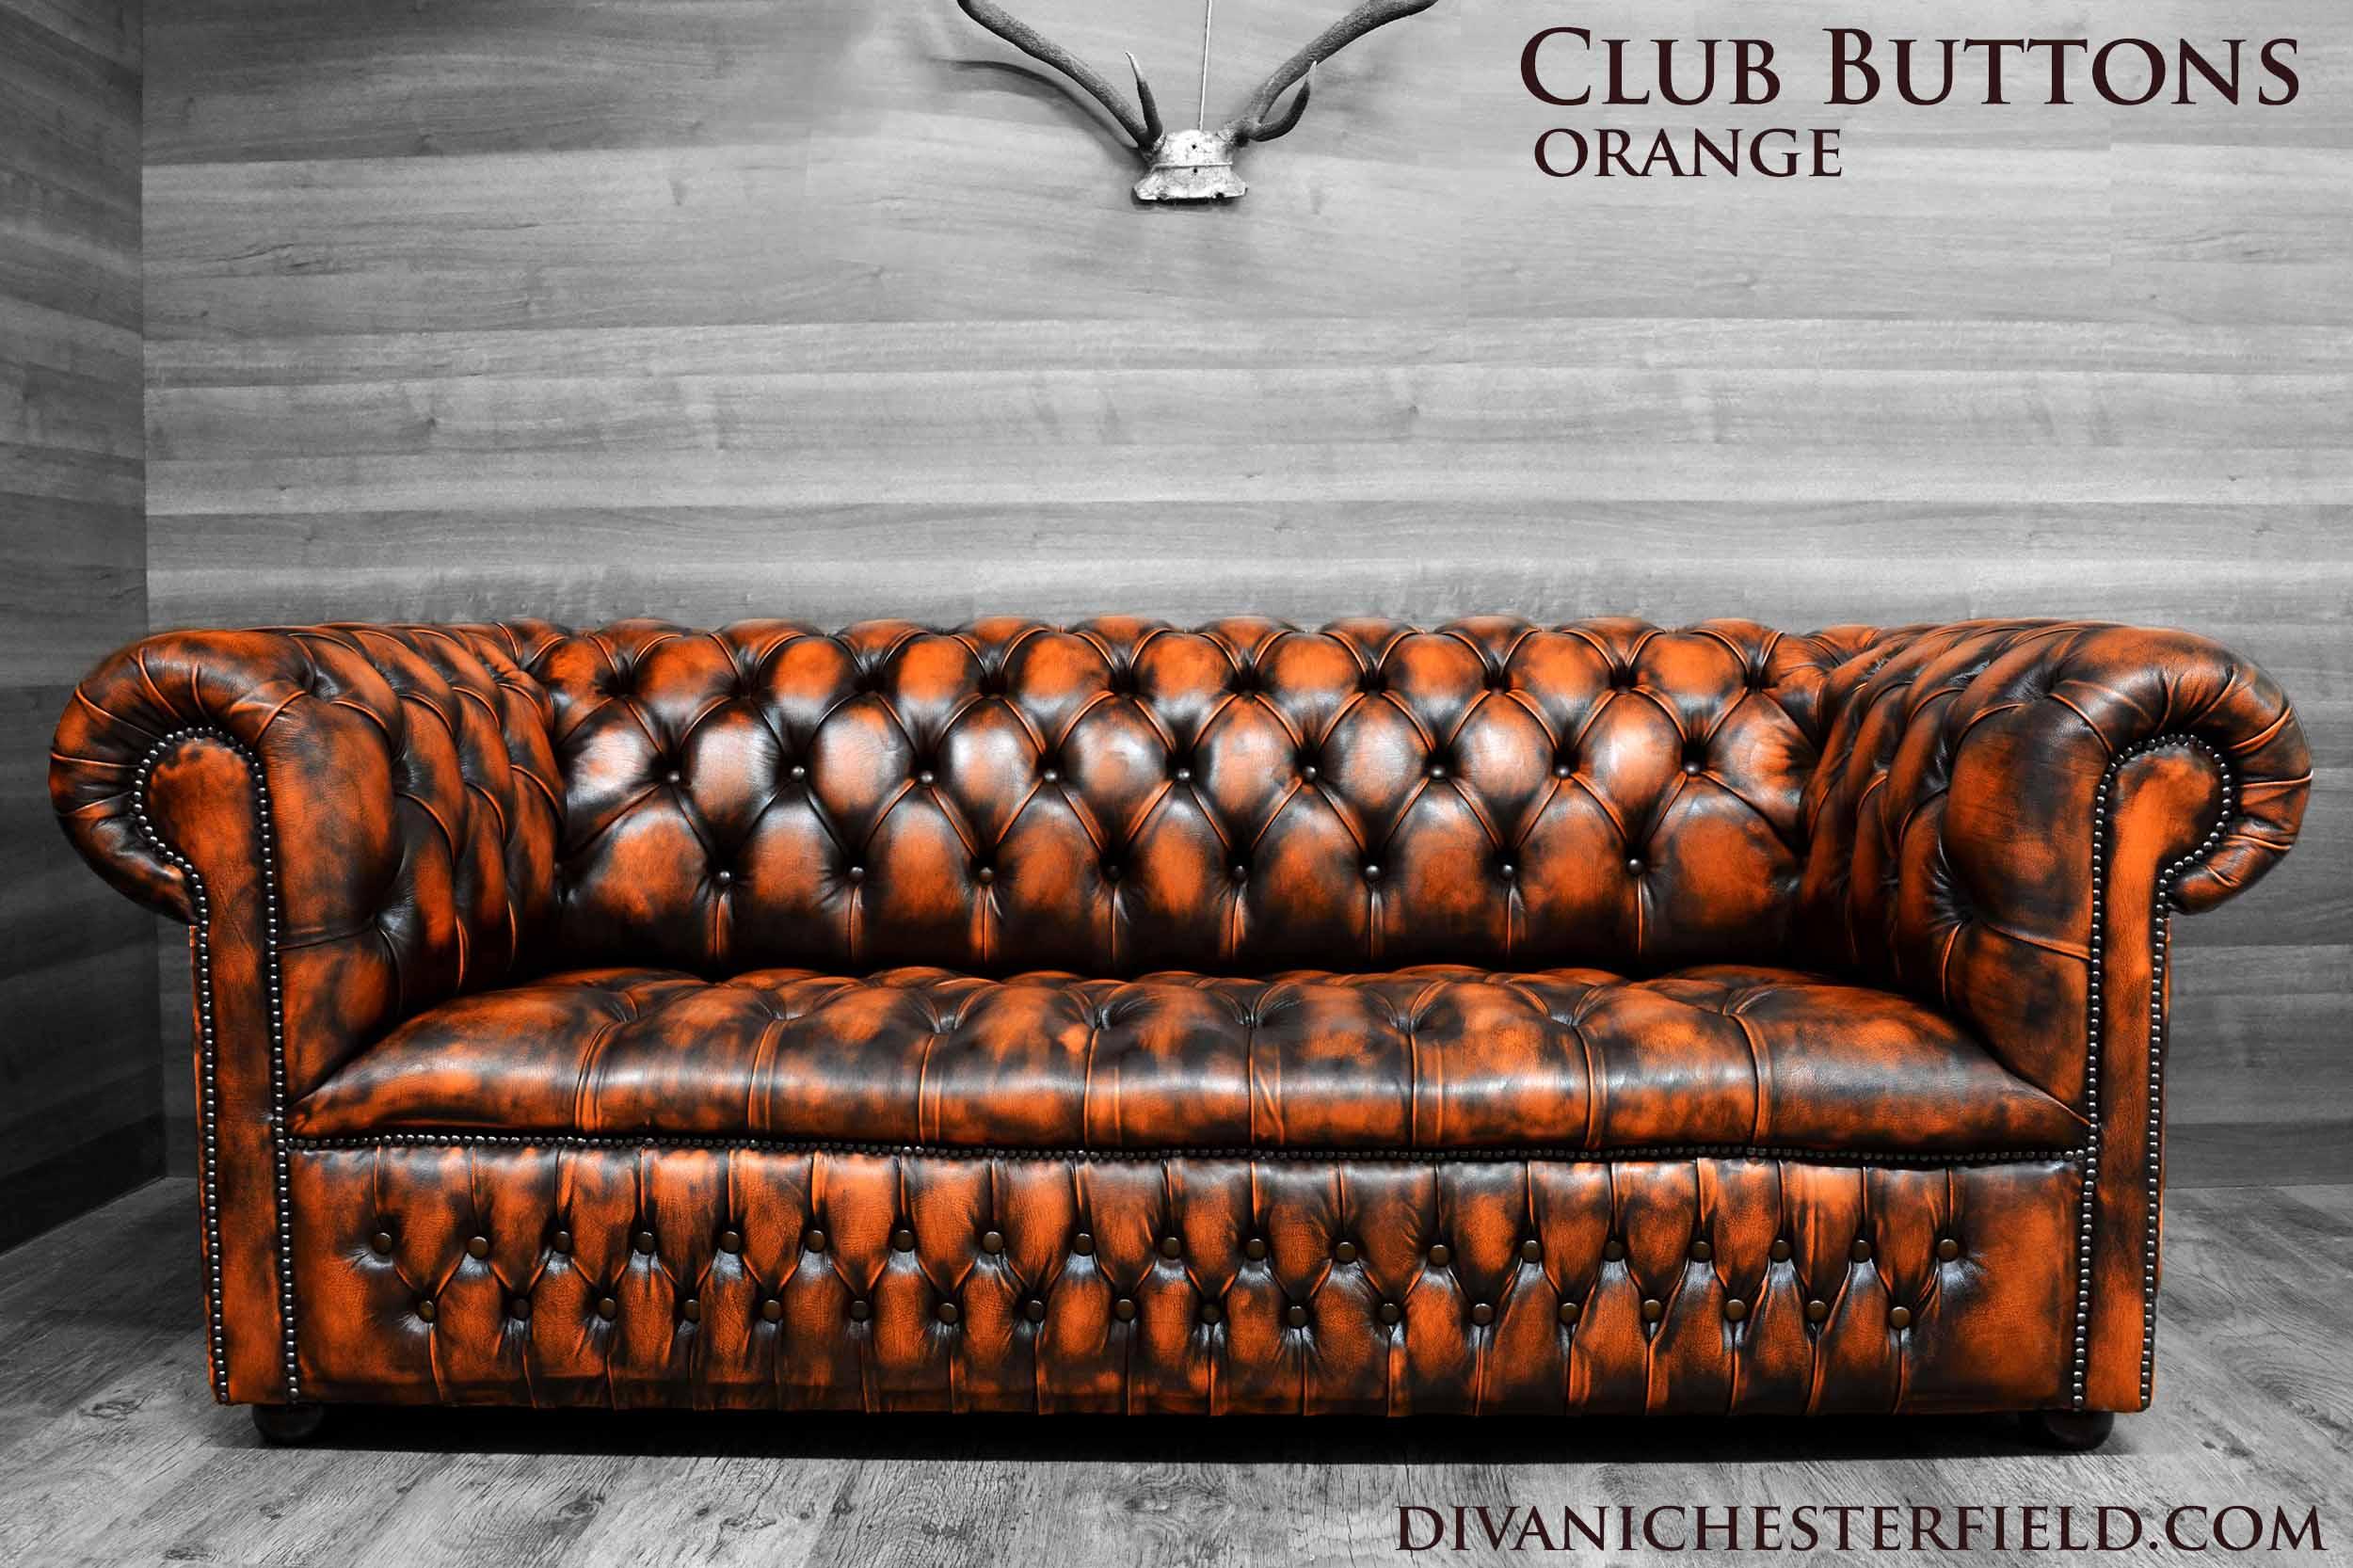 Divano Pelle Arancione : Divani chesterfield vintage pelle arancione nuovi fabbricati in